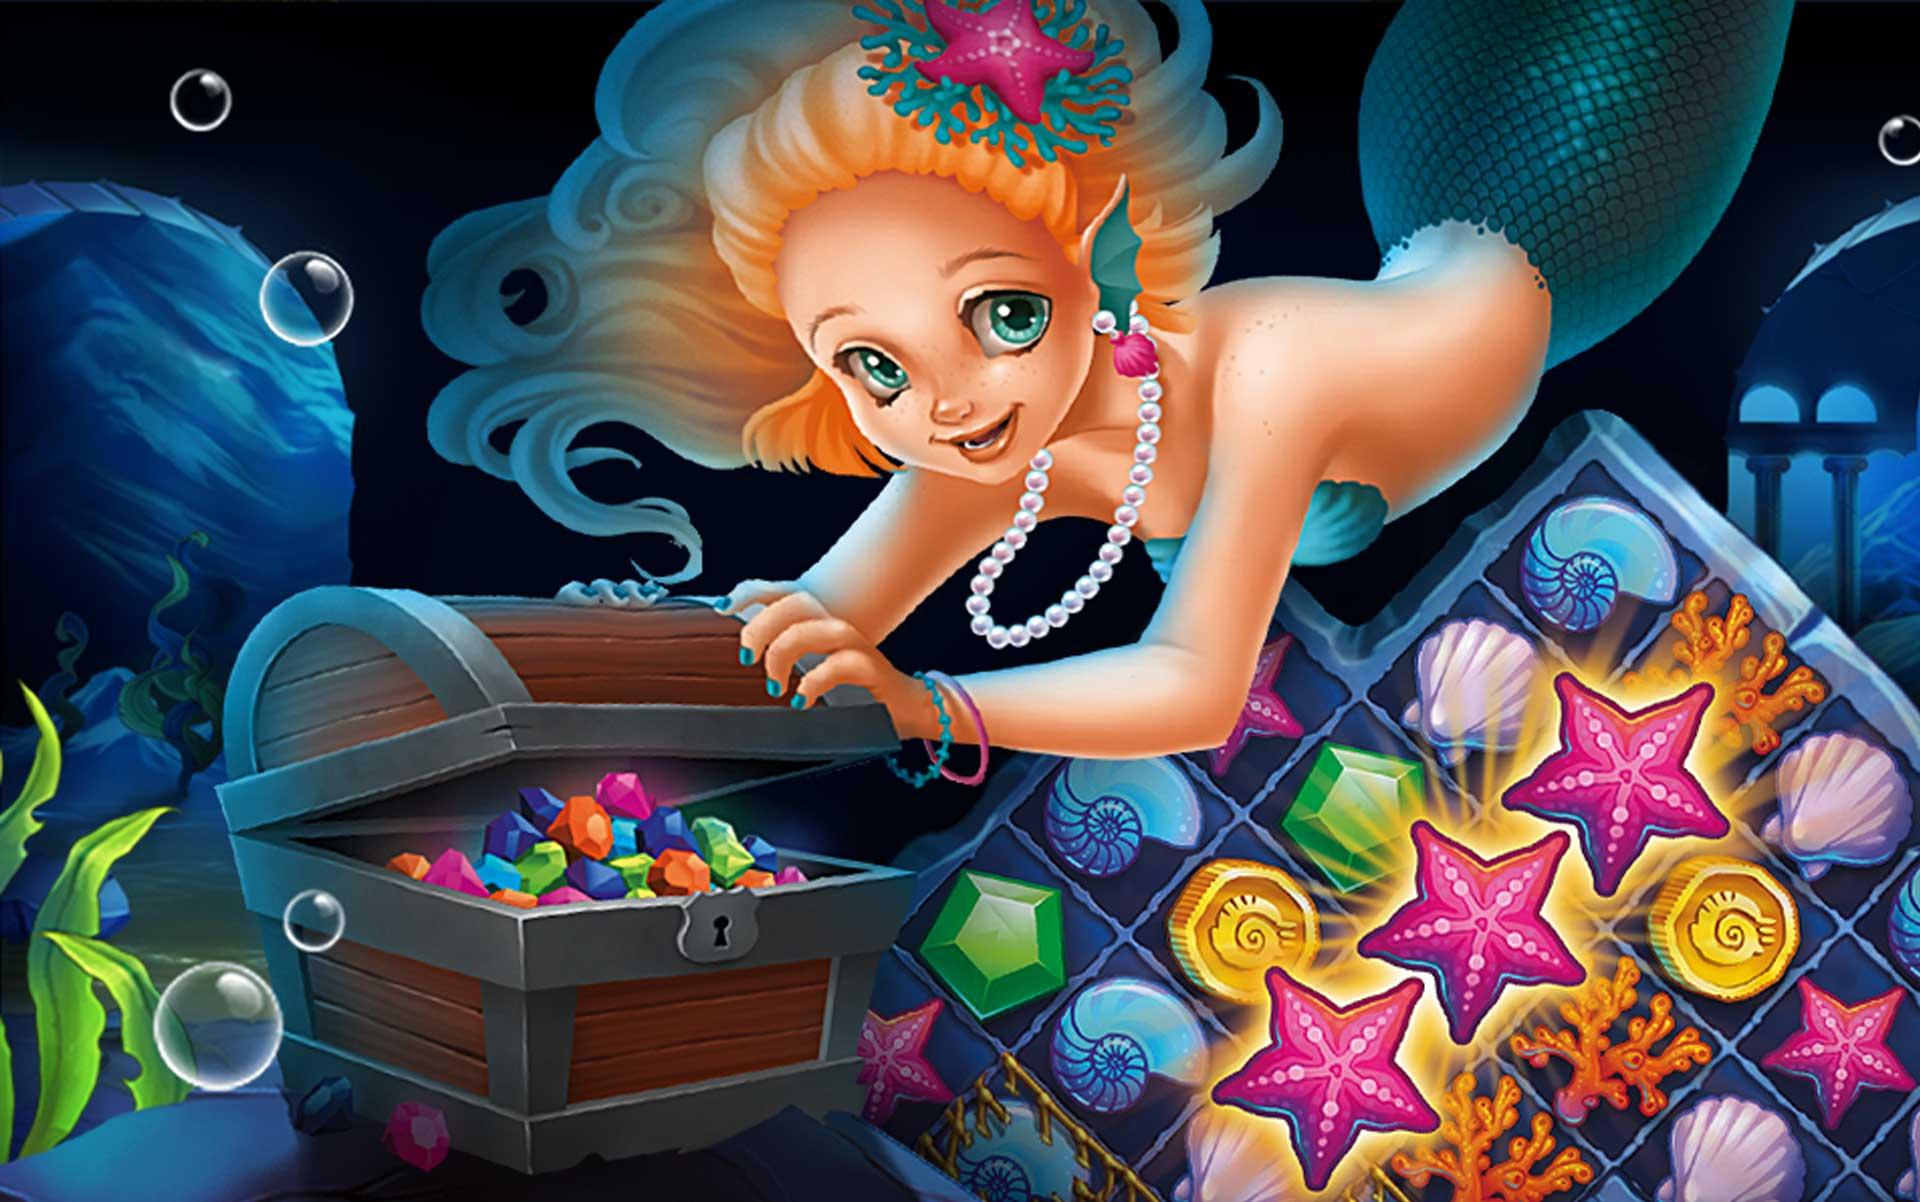 Fiona's Dream of Atlantis Makes a Splash!